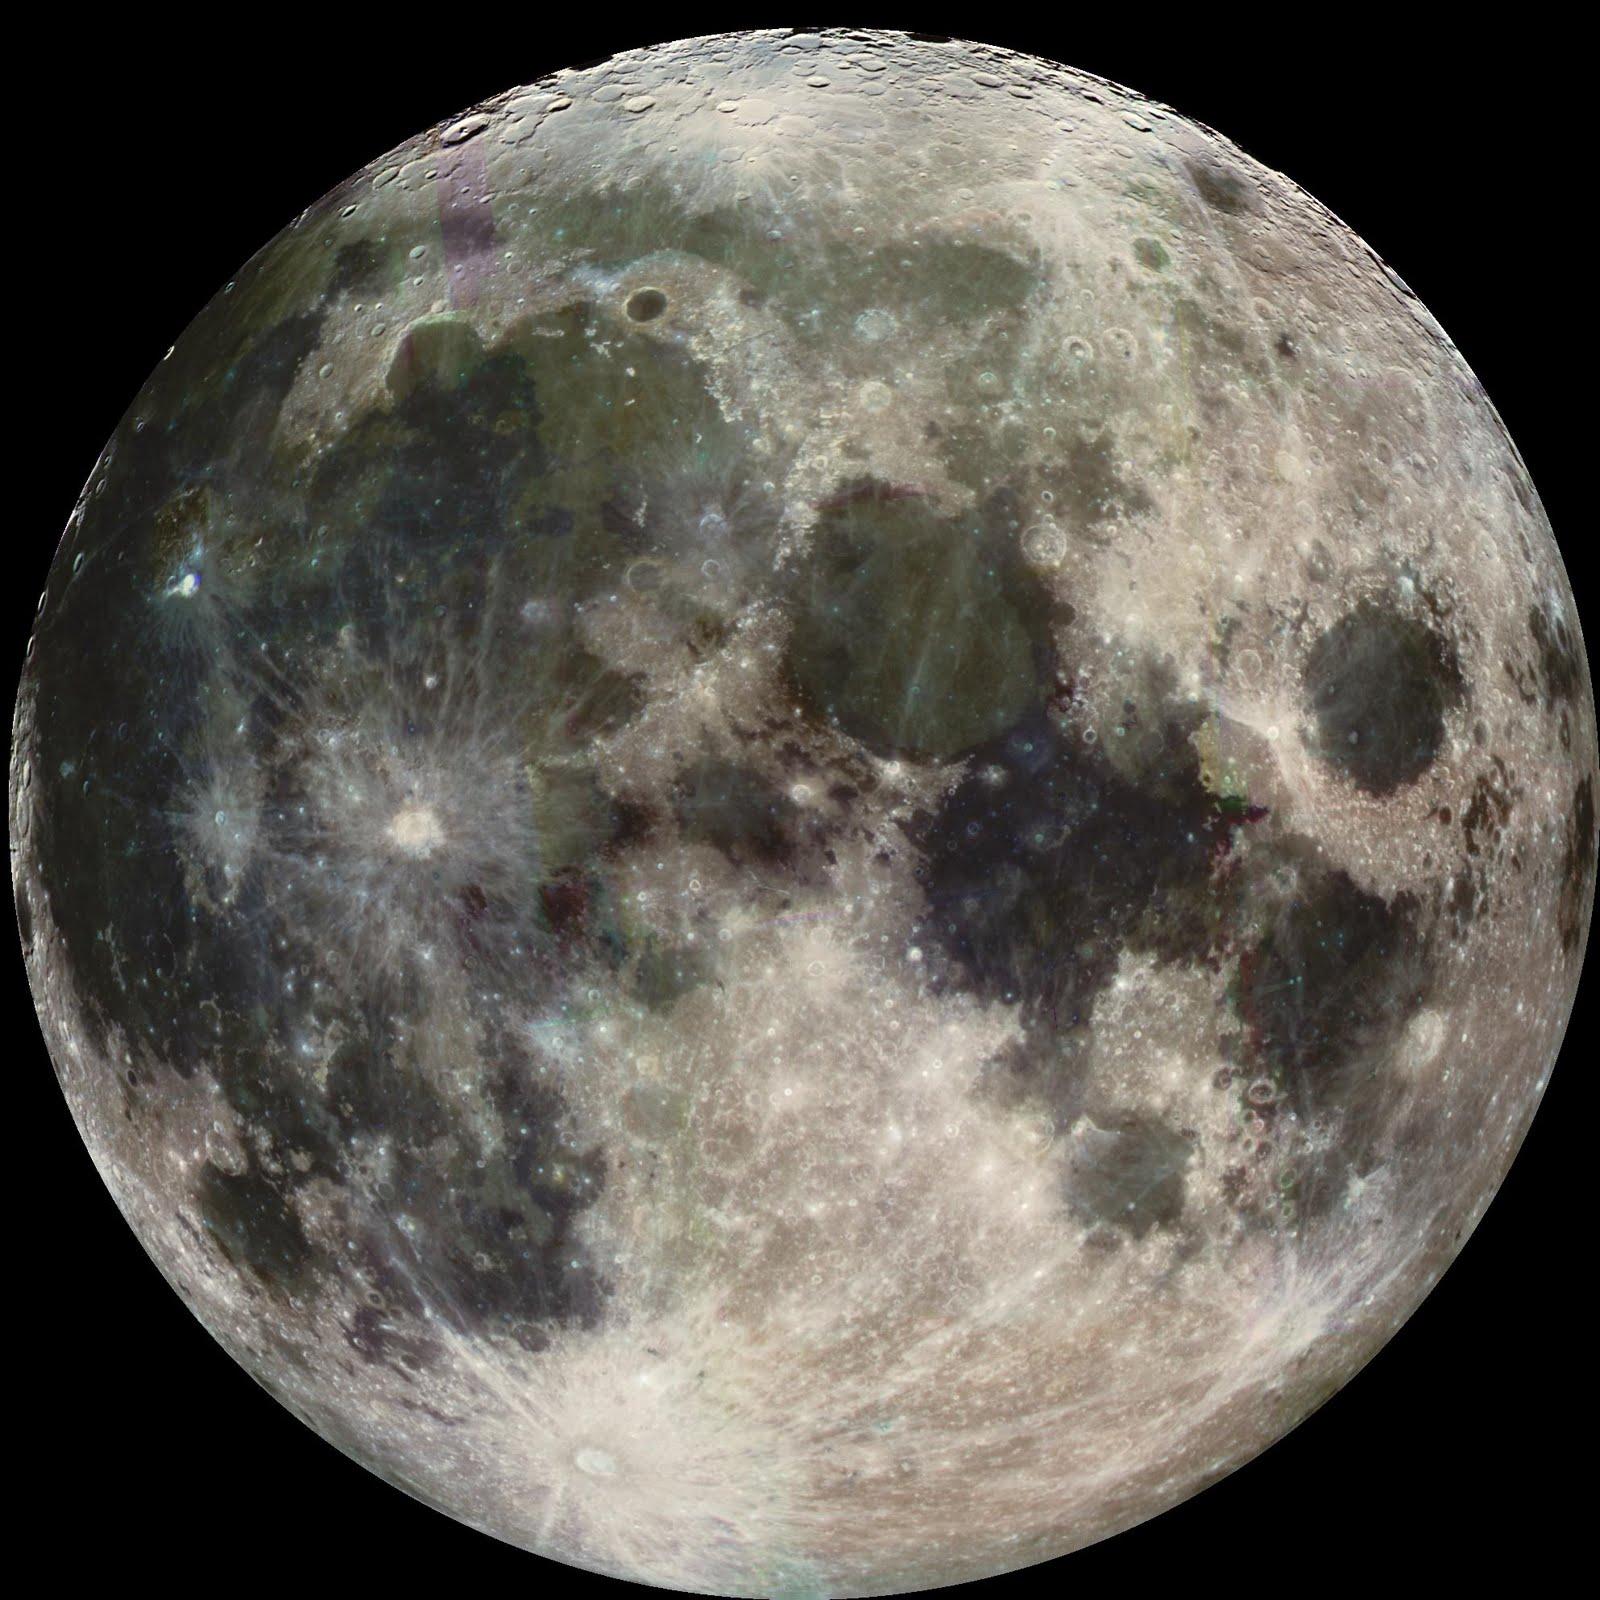 http://2.bp.blogspot.com/_q1oUHYhk95U/THaxafBsbpI/AAAAAAAAAPU/AB5Lr6BZrFo/s1600/full+moon.jpg